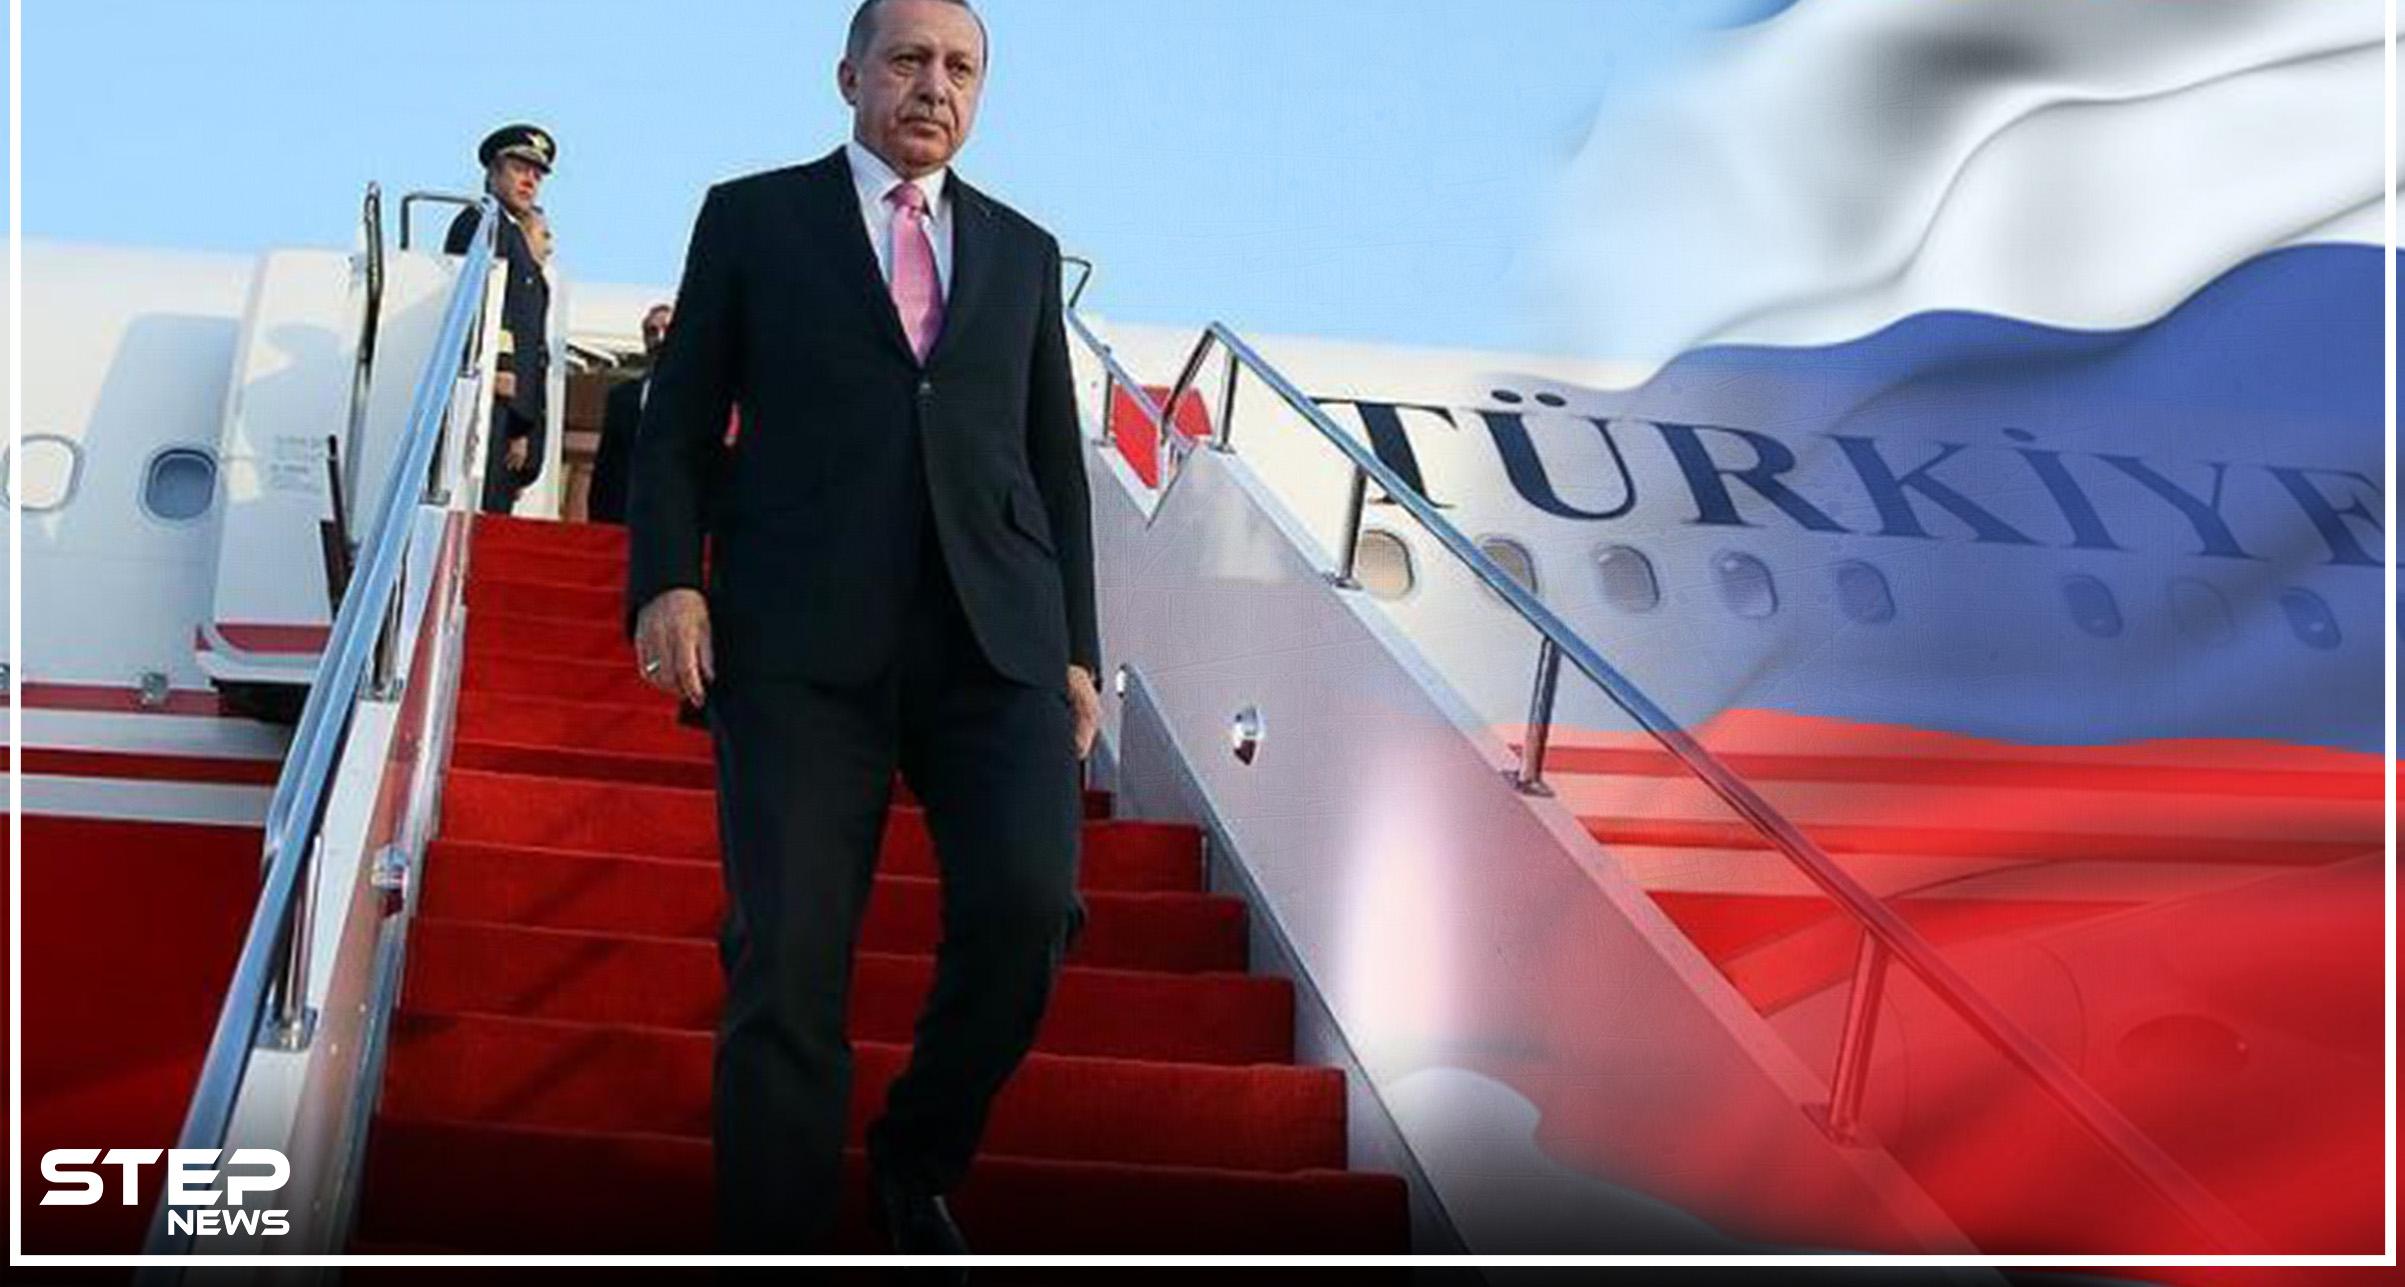 في زيارة مفاجئة، أردوغان يصل موسكو للقاء نظيره الروسي بوتين وإدلب على رأس المباحثات